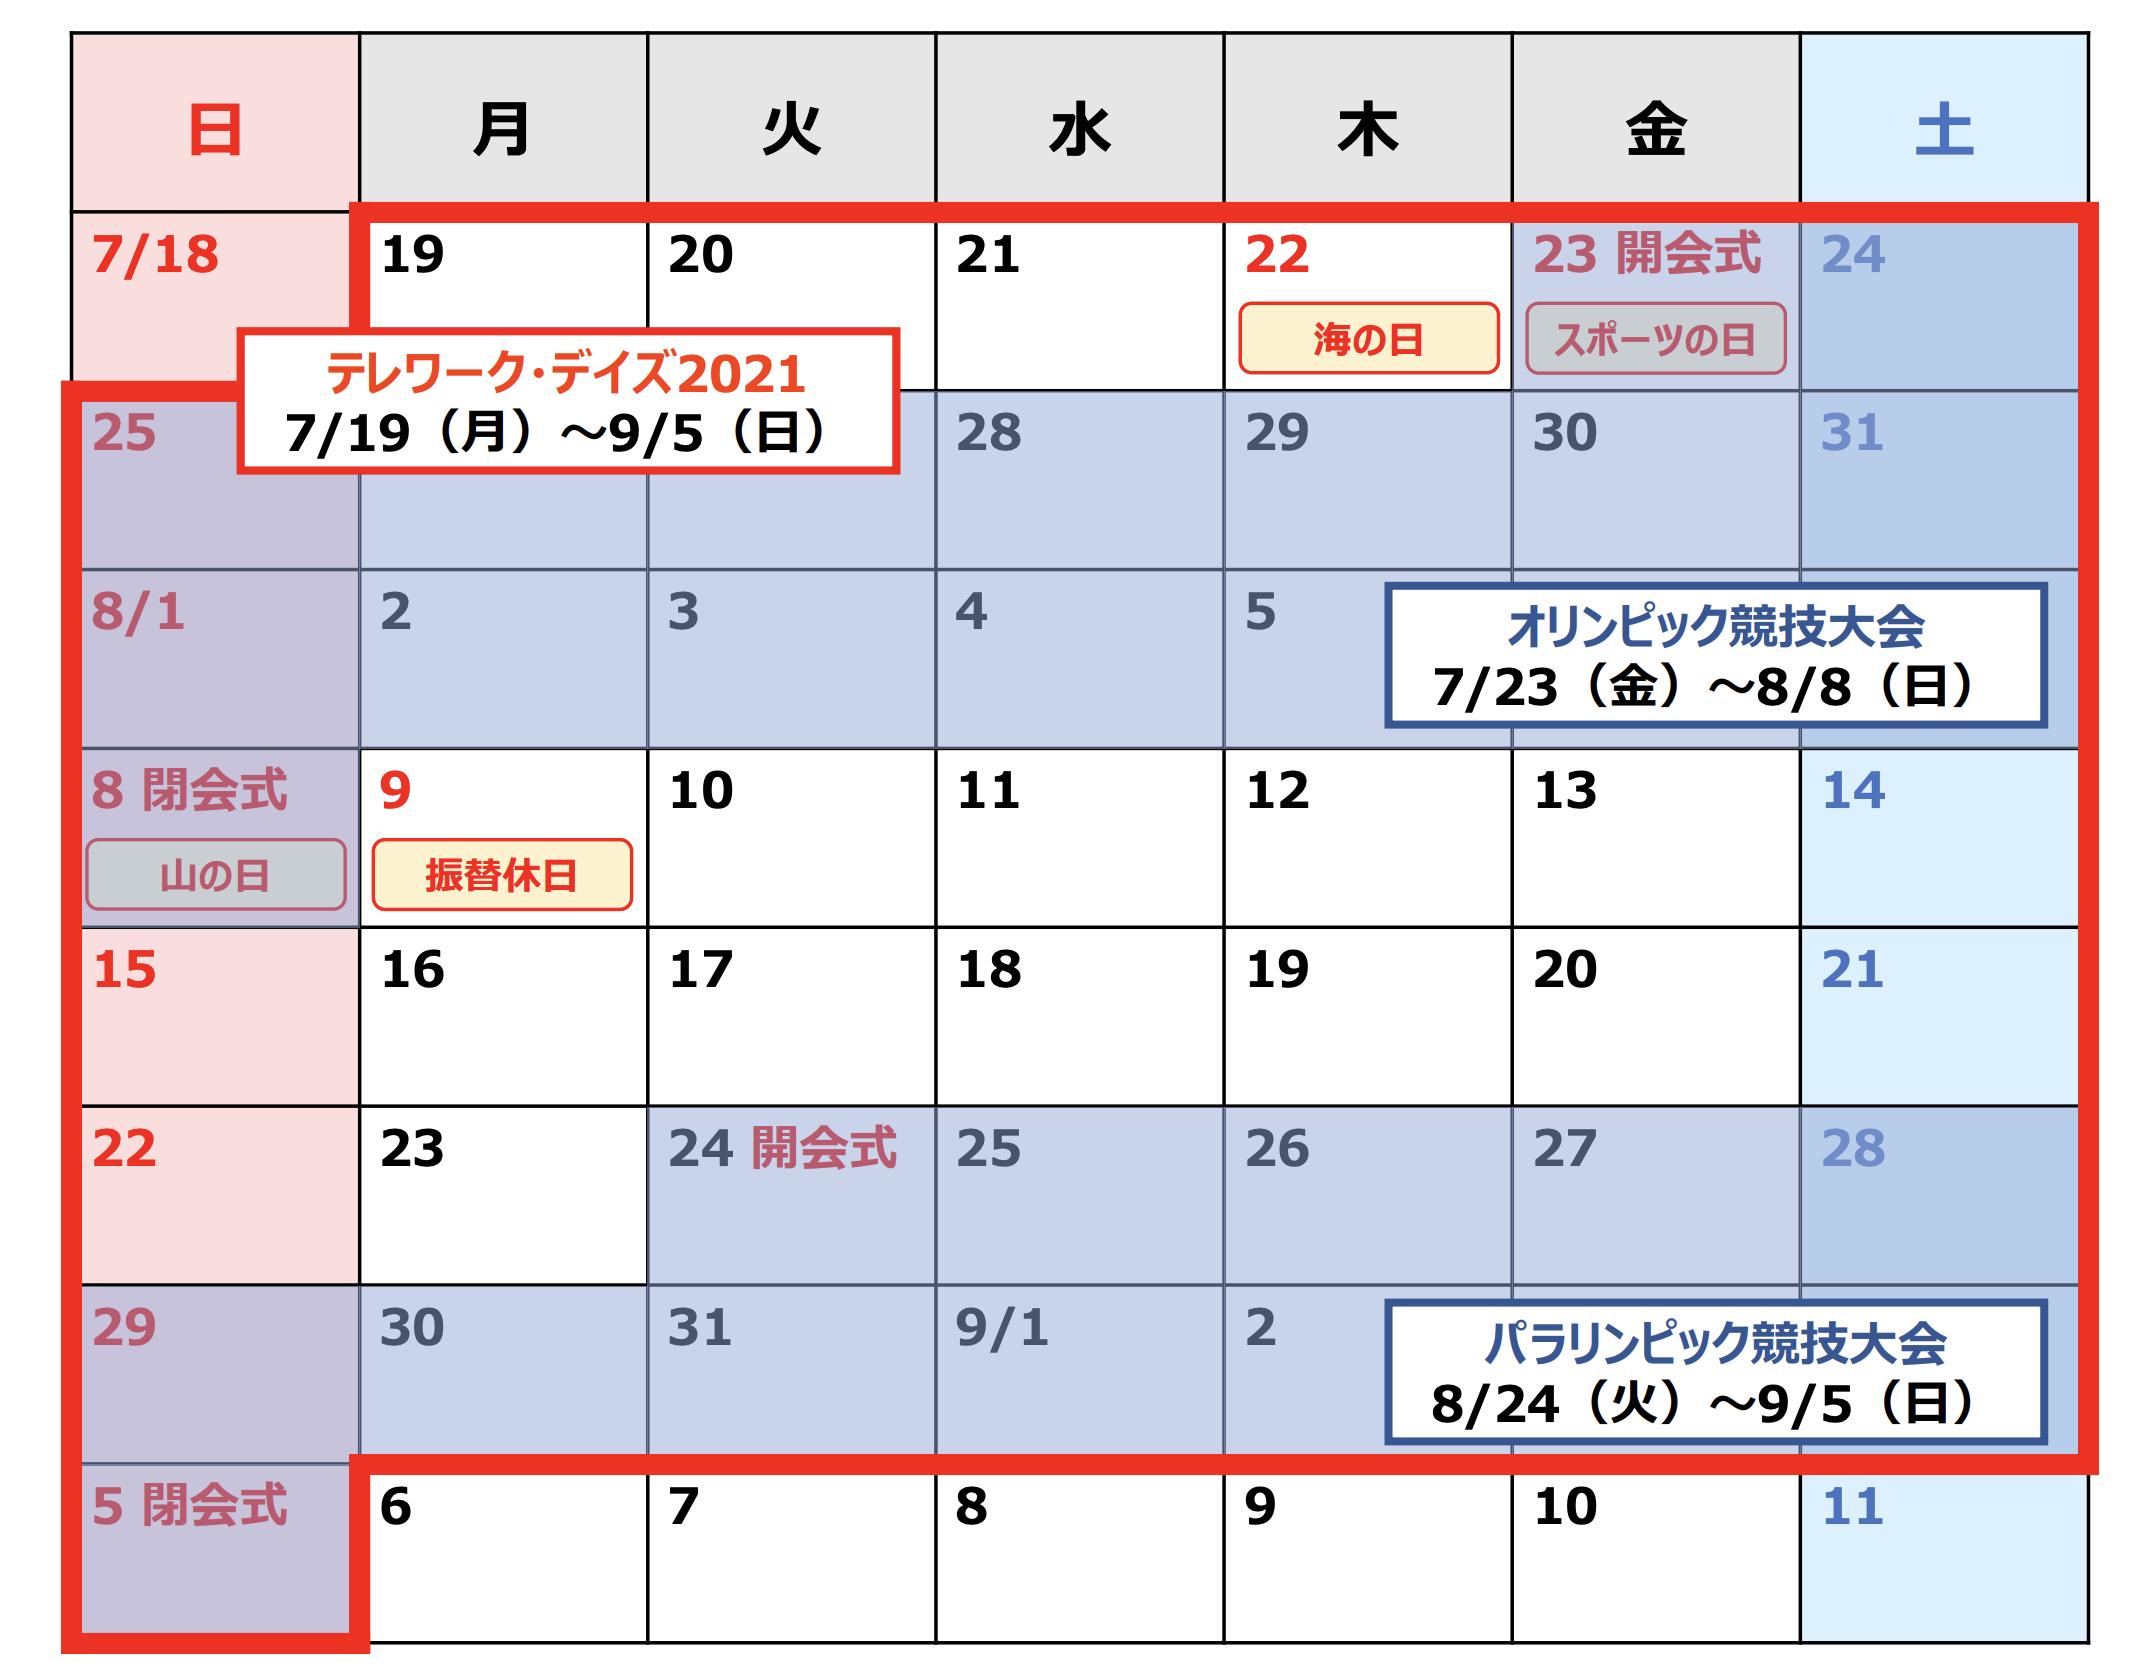 テレワークデイズ2021が行われる期間のカレンダー